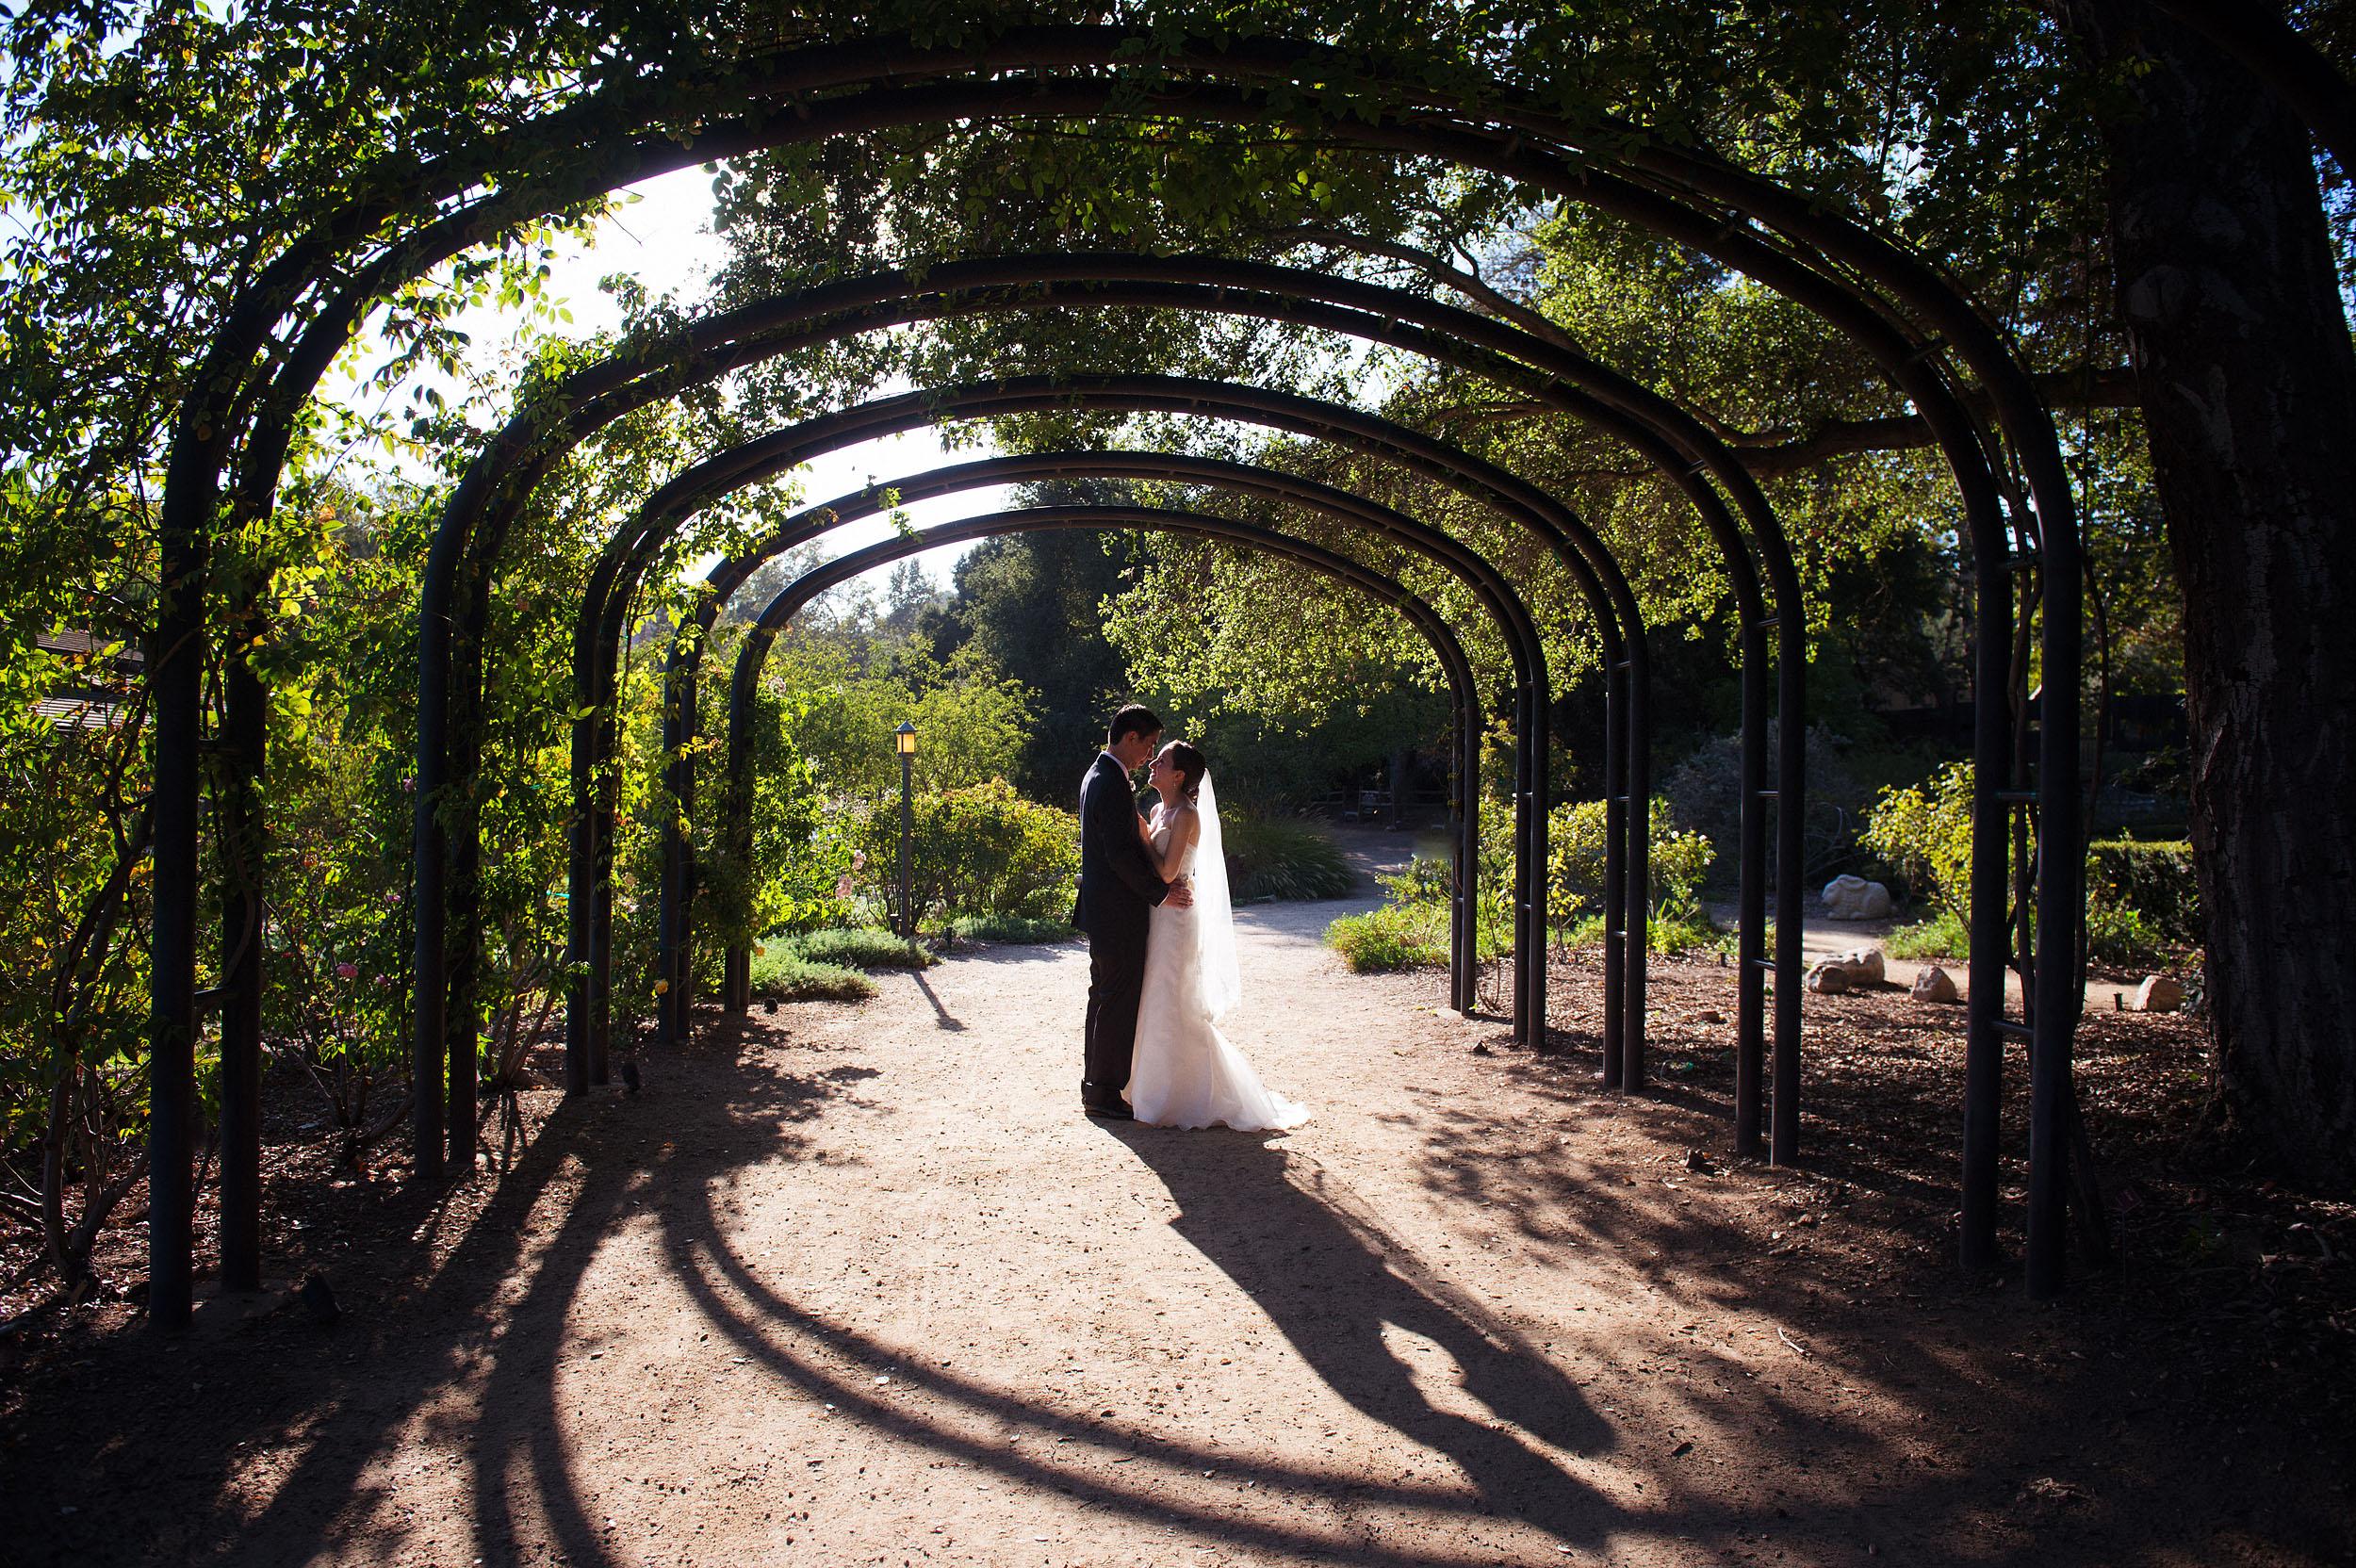 Bride and groom kissing under archway at Descanso Gardens in La Canada Flintridge.